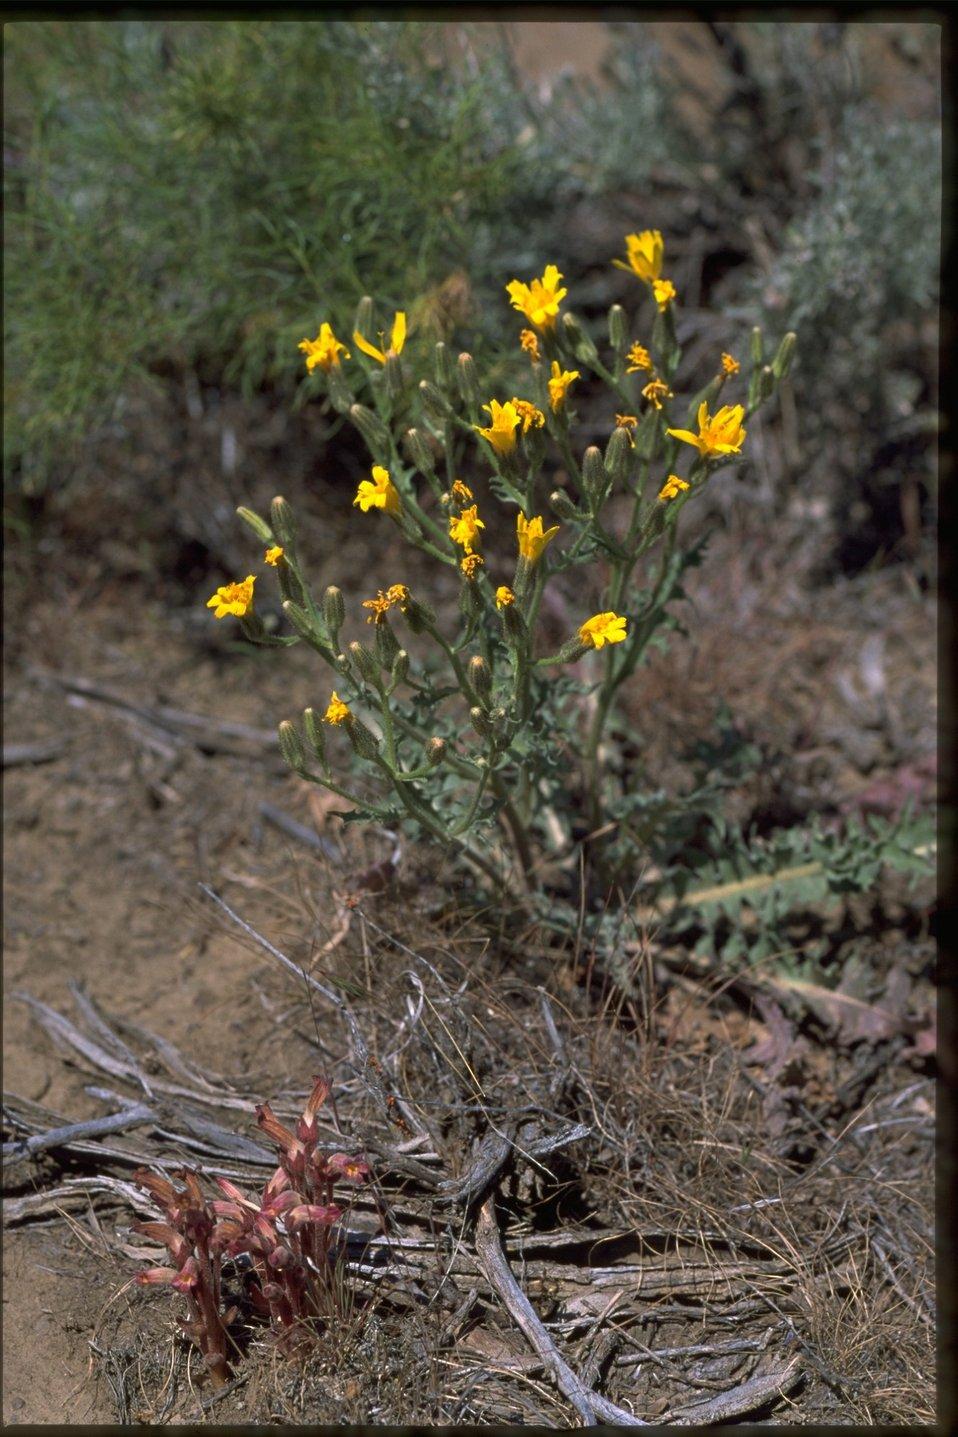 Farshot of Crepis.